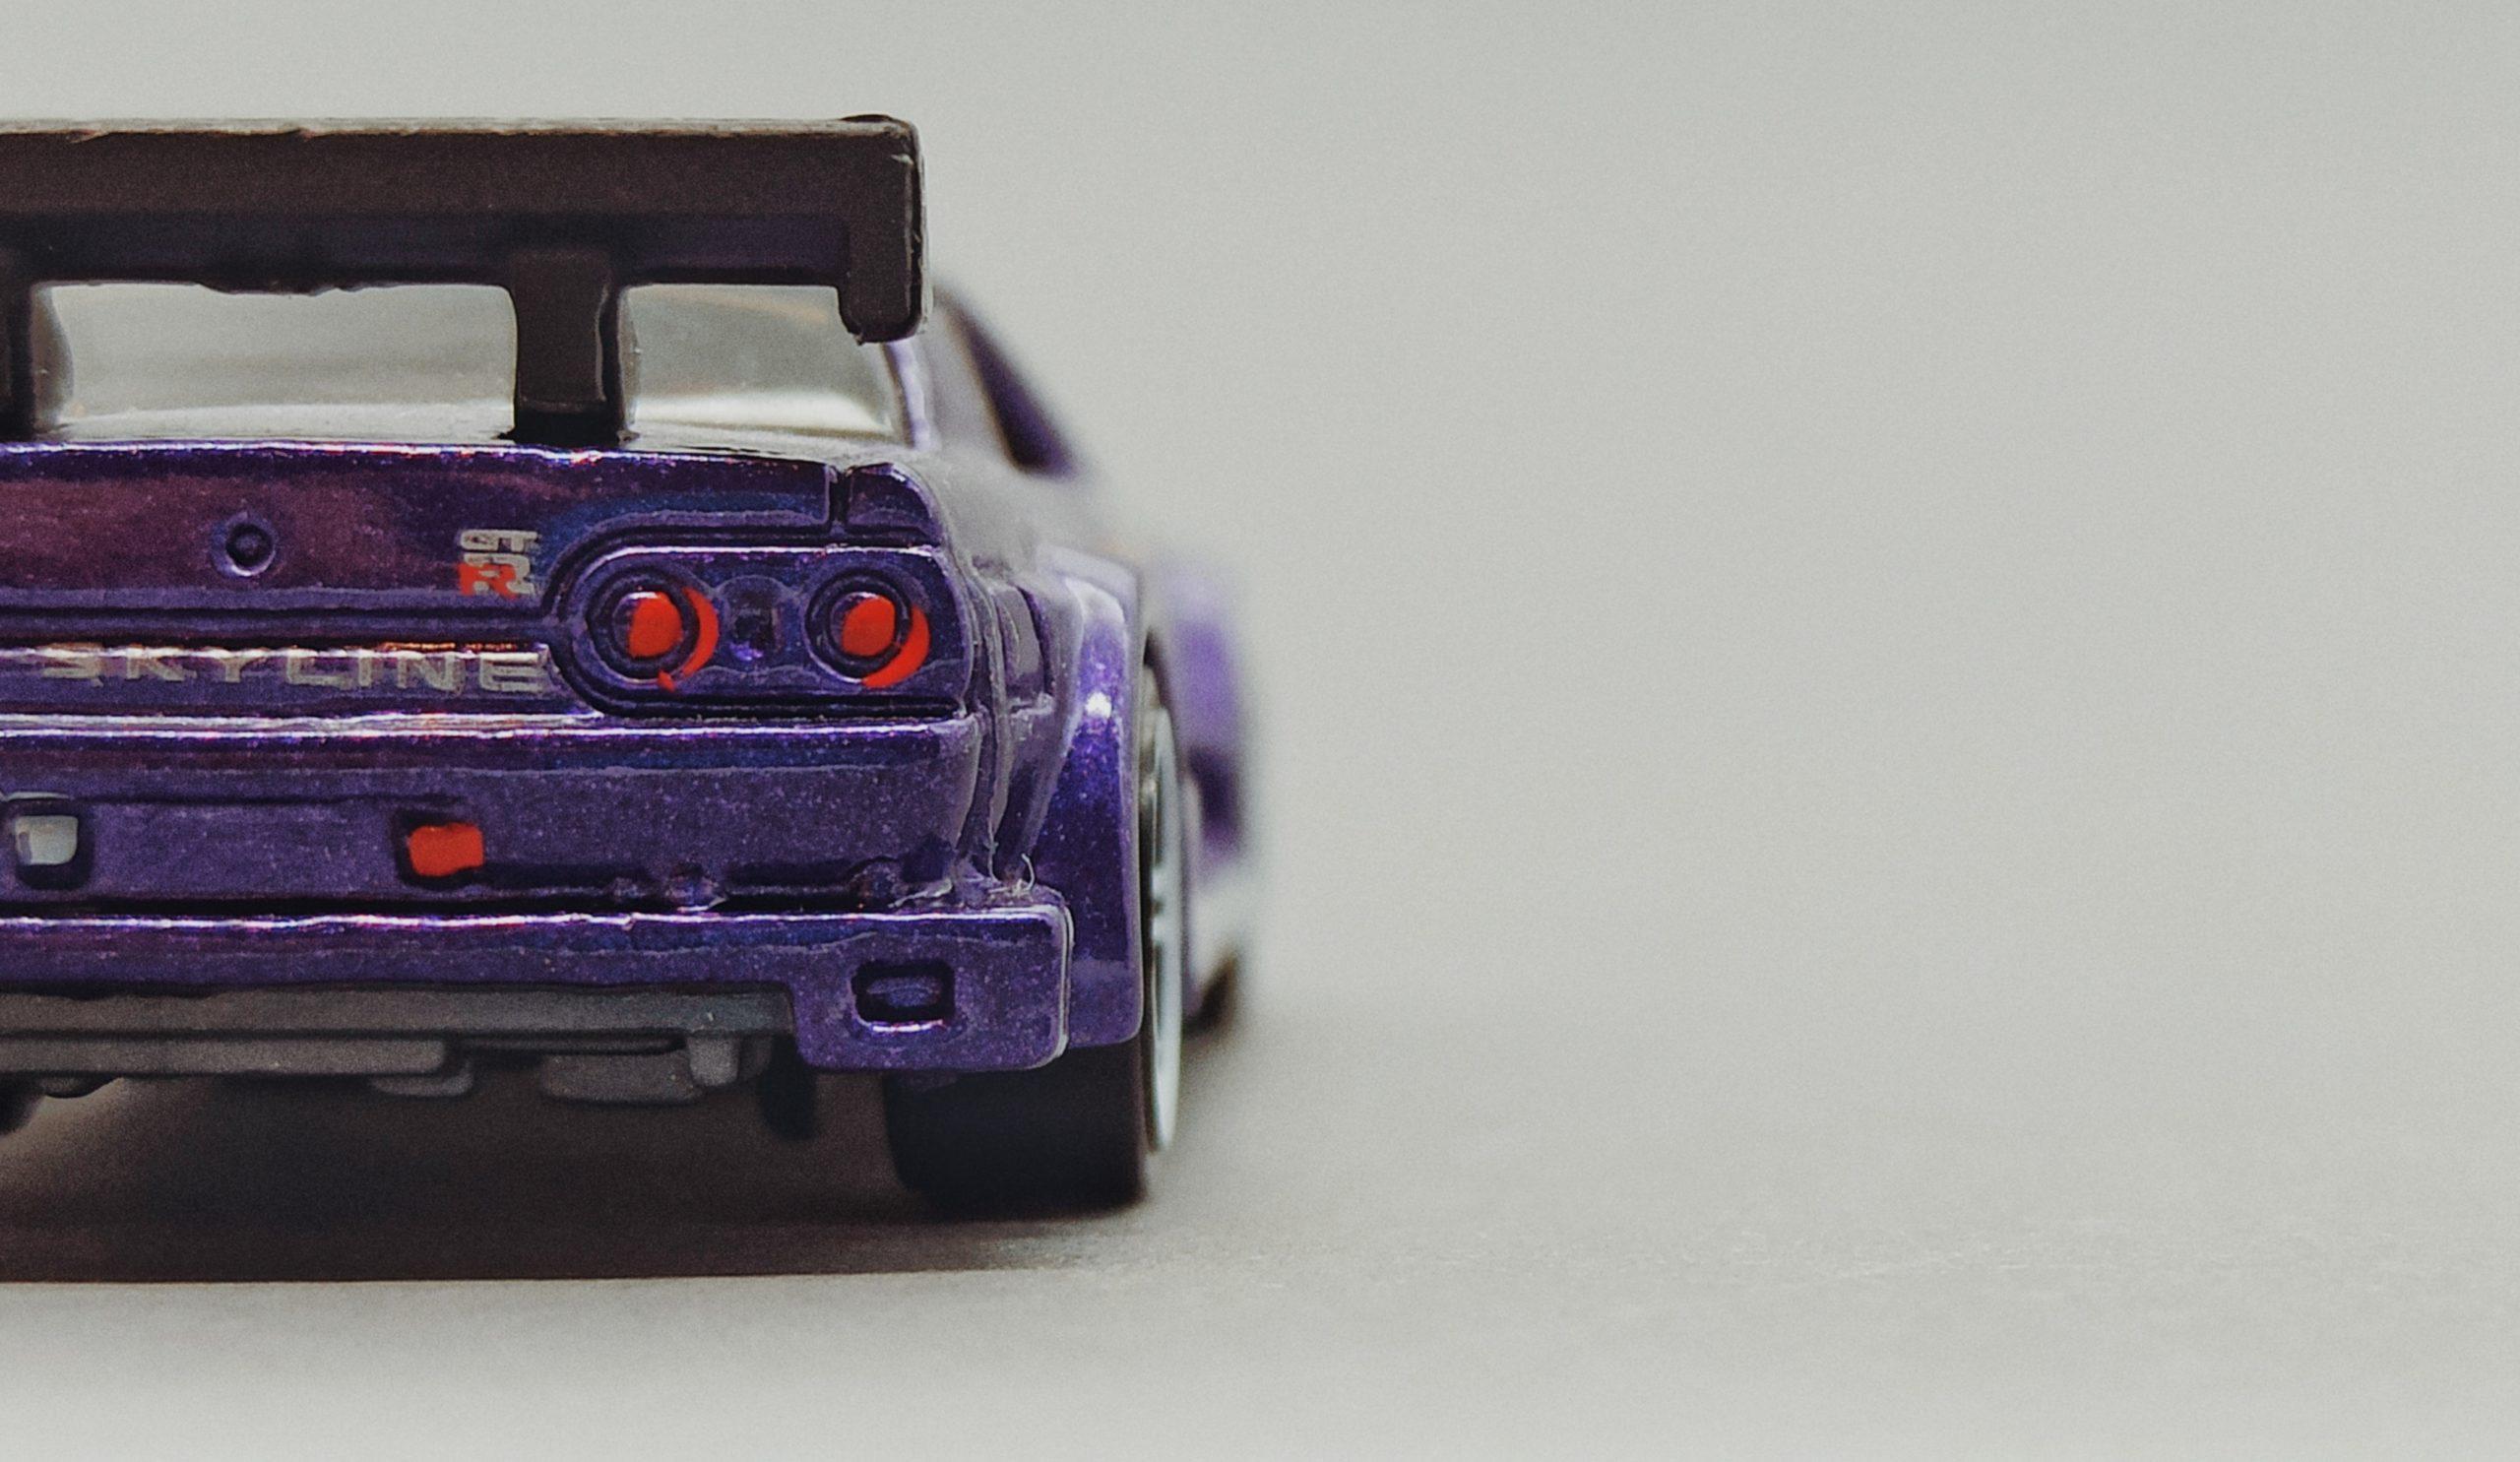 Hot Wheels Nissan Skyline (V0104) 2011 Racing Kits: Street Race (3/12) purple back angle